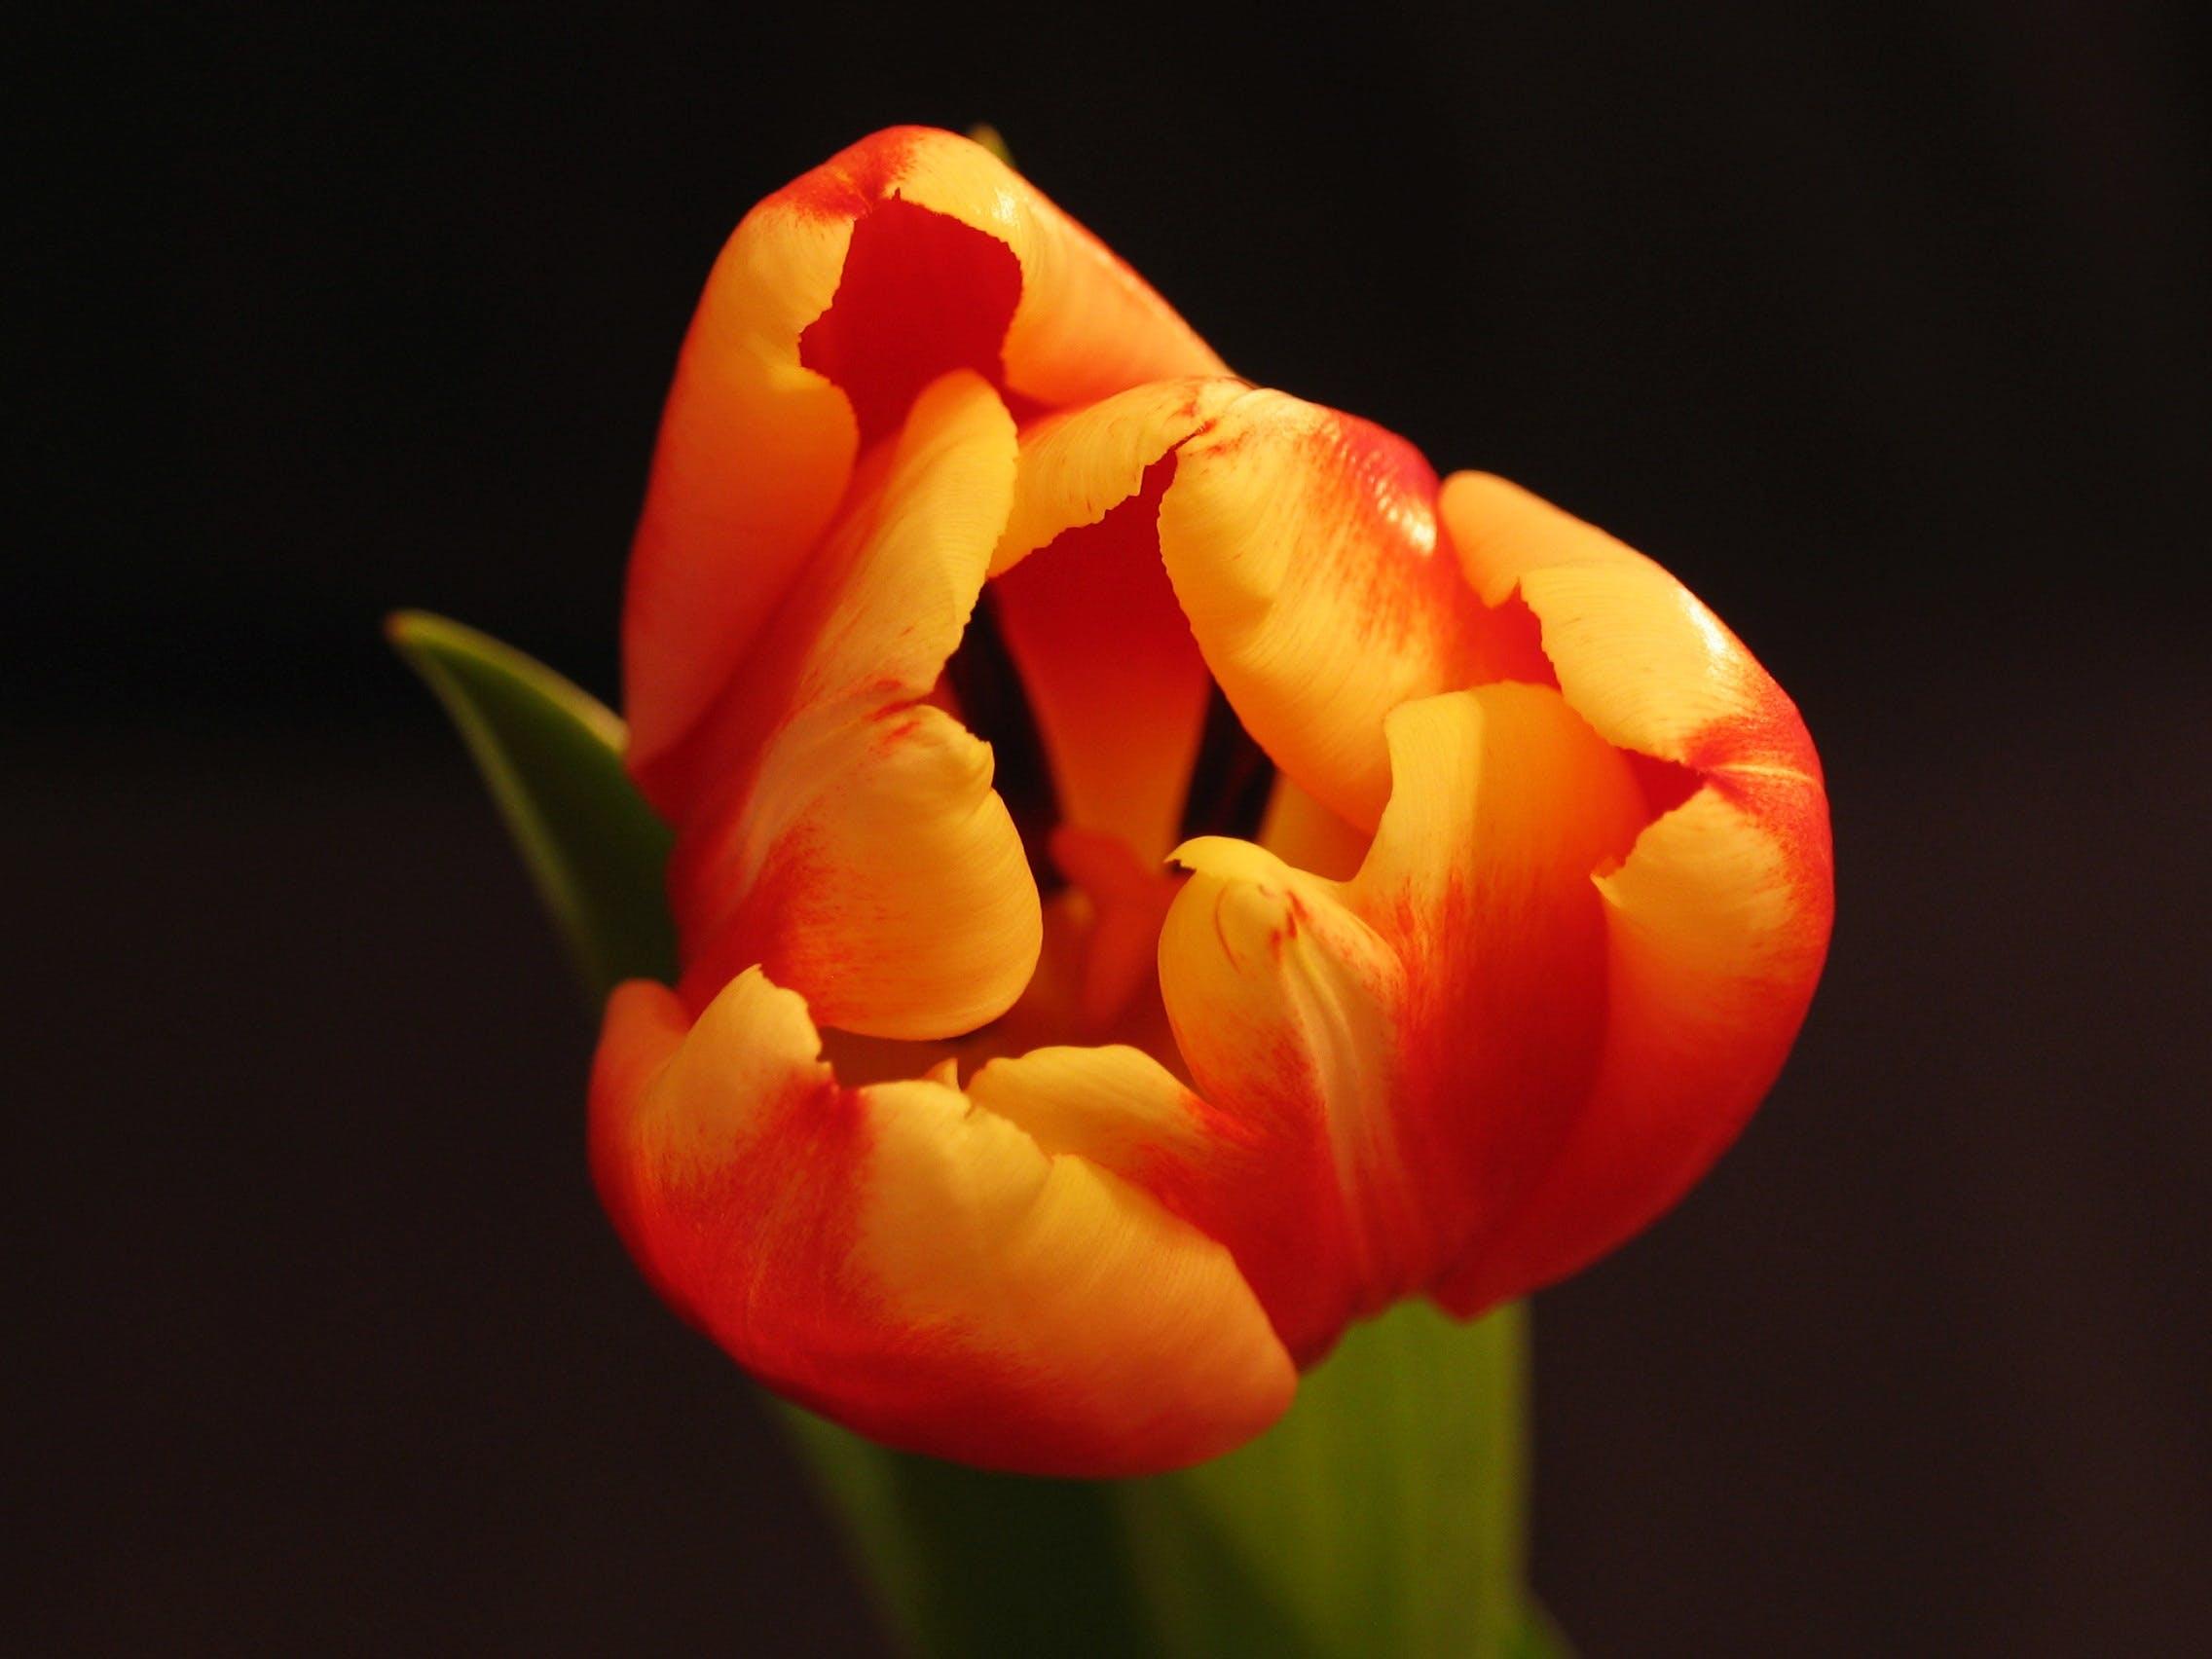 คลังภาพถ่ายฟรี ของ blosoom, กลีบดอก, ดอกไม้ฤดูร้อน, ต้นไม้